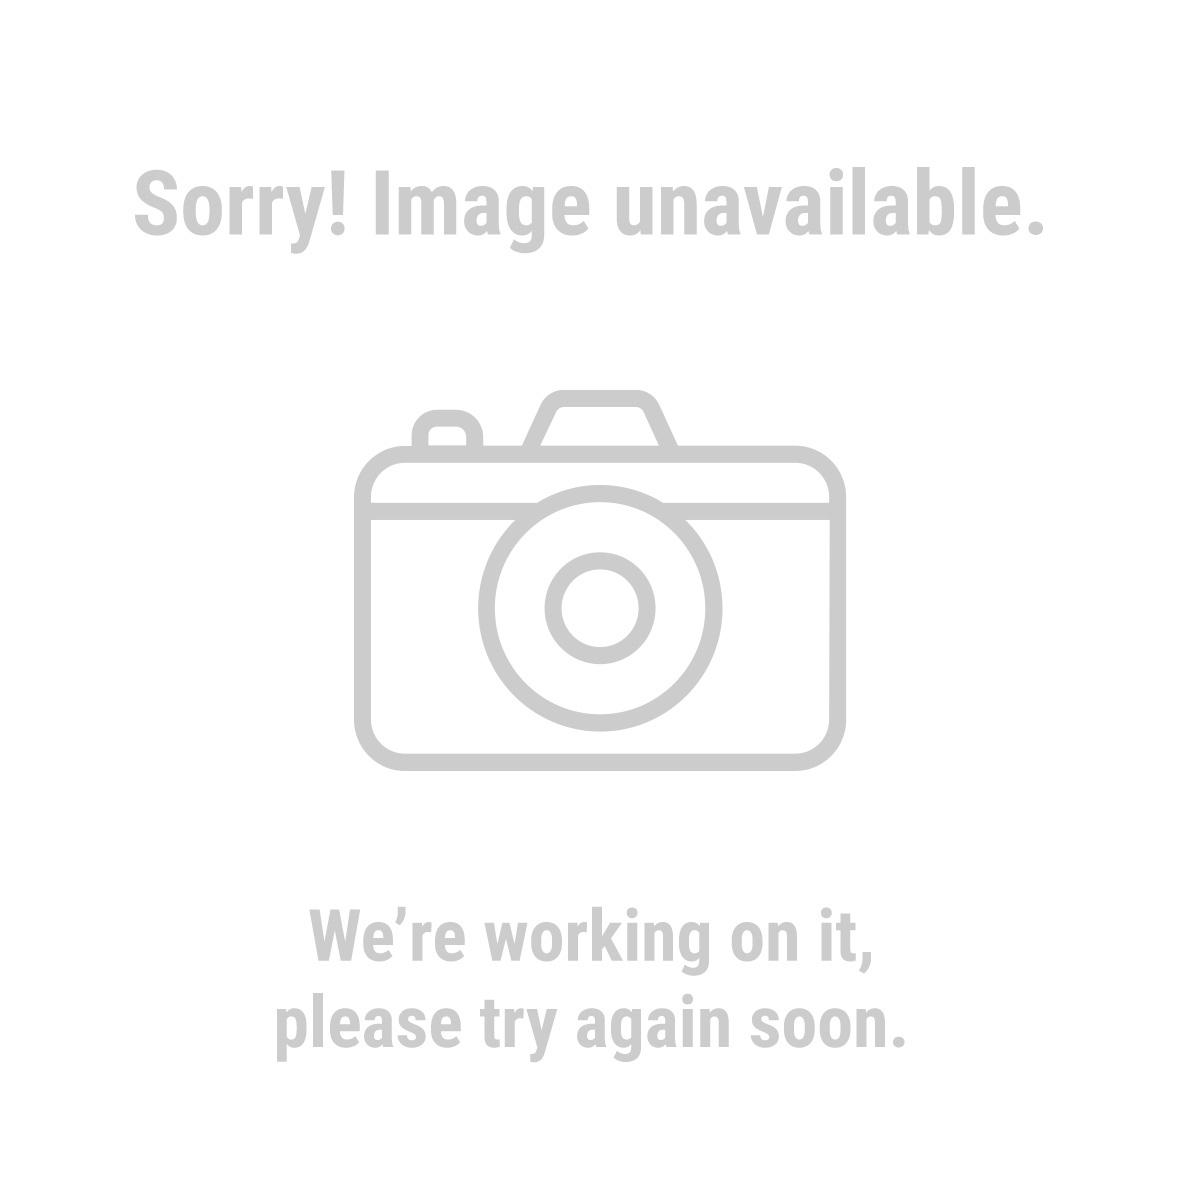 Cen-Tech 67979 Digital Inspection Camera